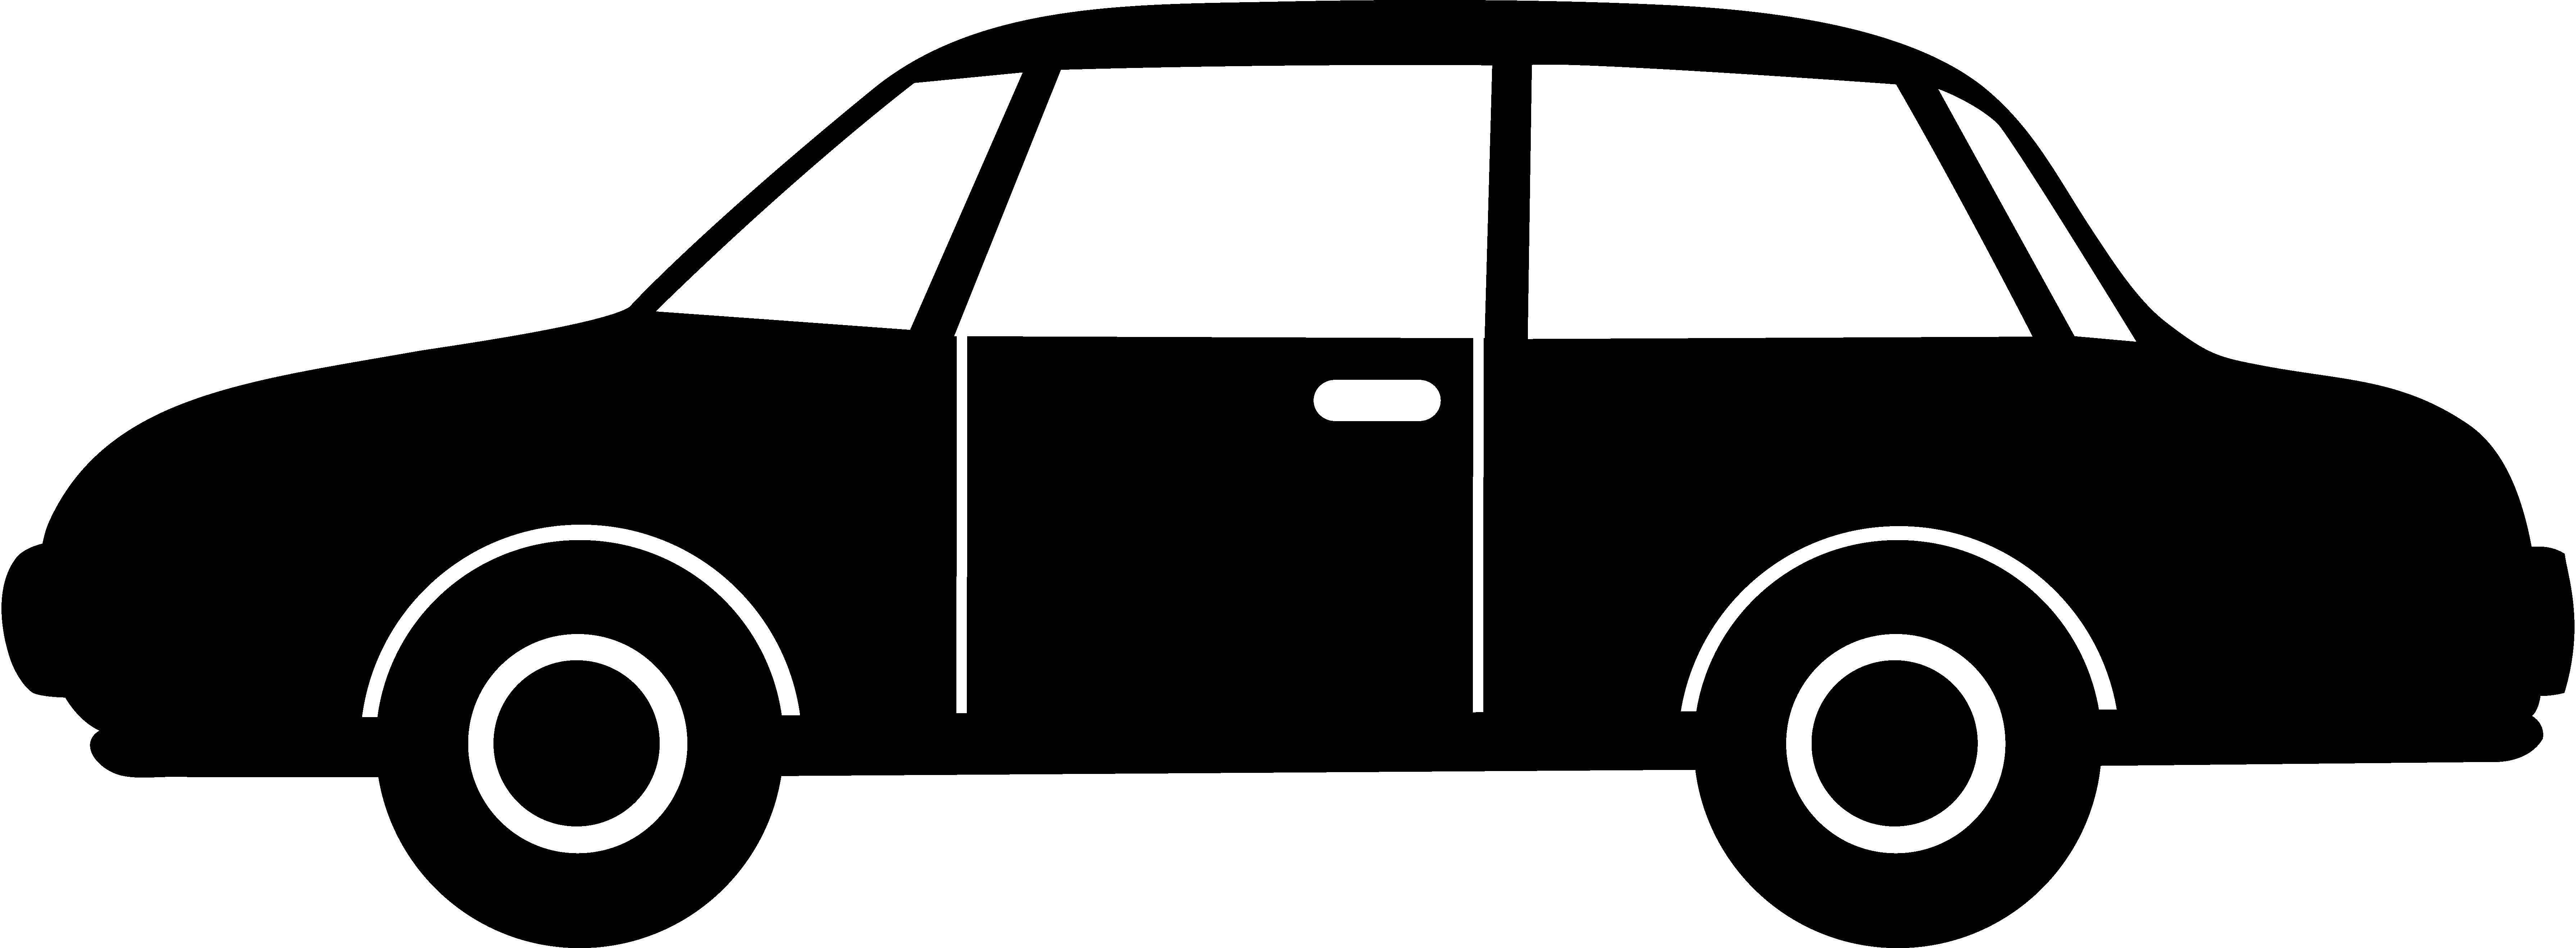 car%20clipart